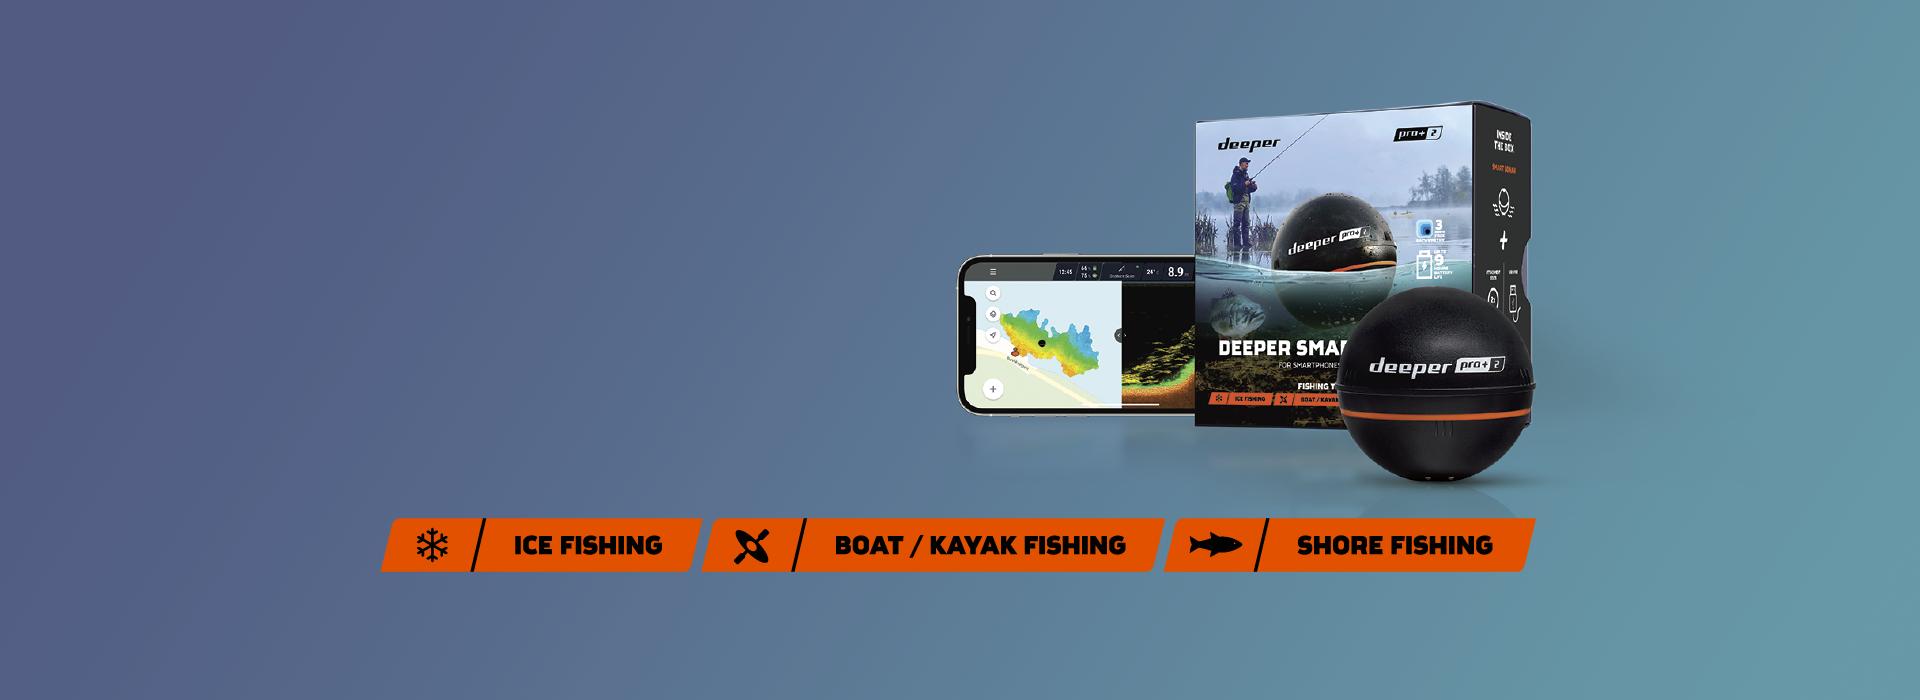 De nieuwe Deeper PRO+ 2!  Geliefd bij vissers wereldwijd. Nu verbeterd en beter dan ooit.